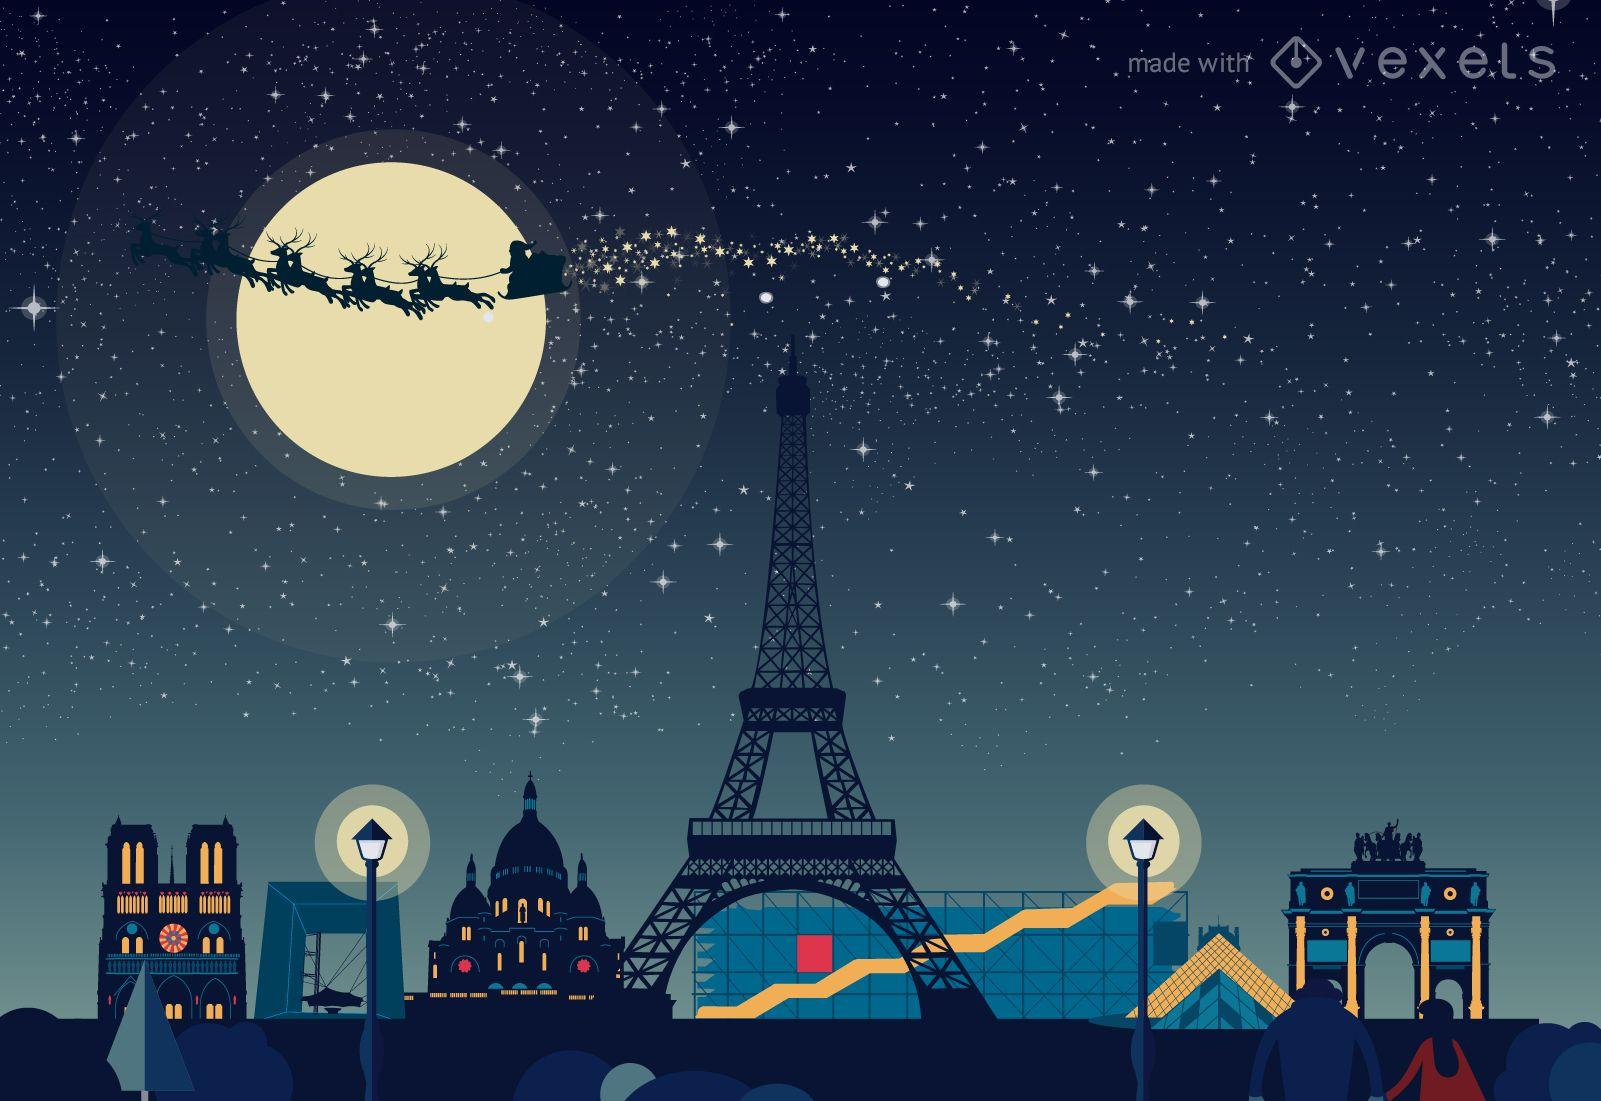 Encantador creador del horizonte de la ciudad navideña